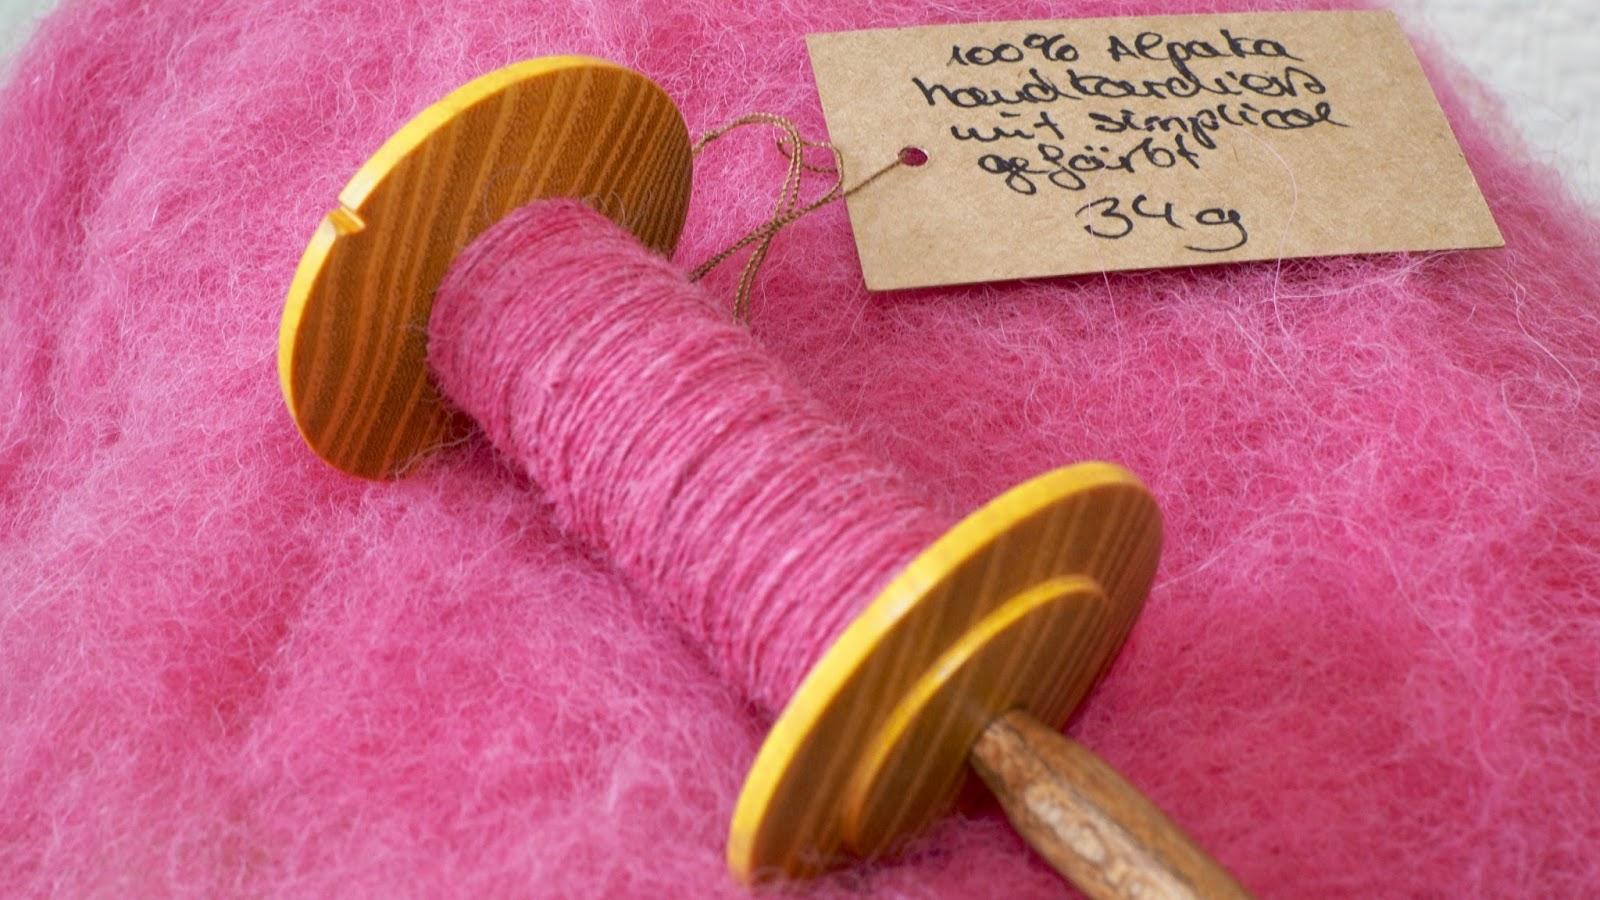 Wolle färben mit simplicol – fuchsia-pink gefärbte Alpaka-Fasern versponnen mit der Handspindel